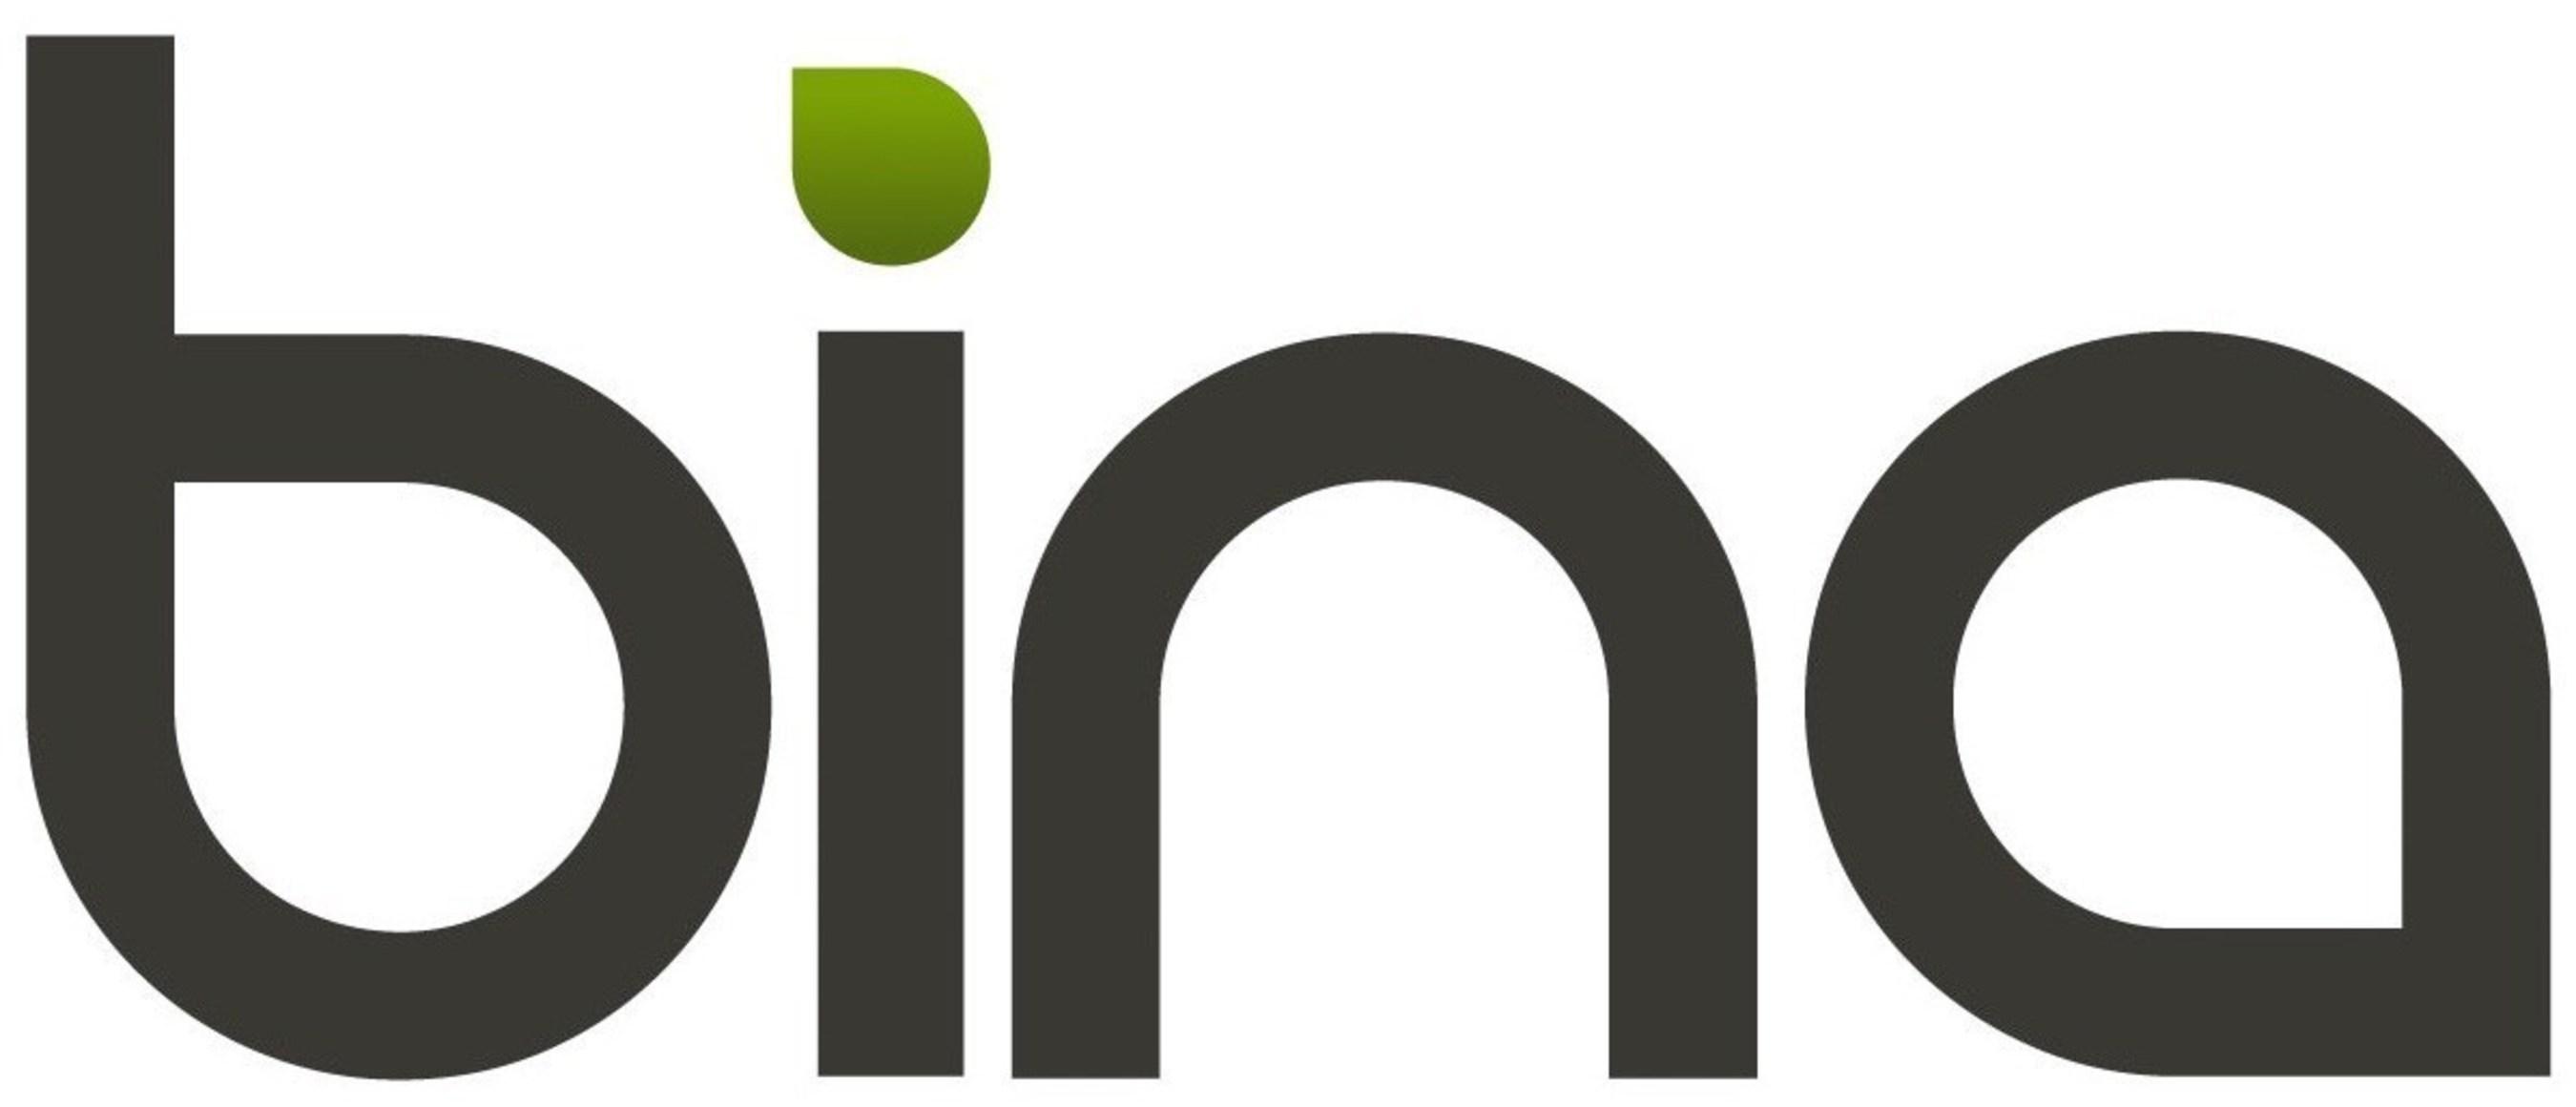 Bina Technologies, Inc.